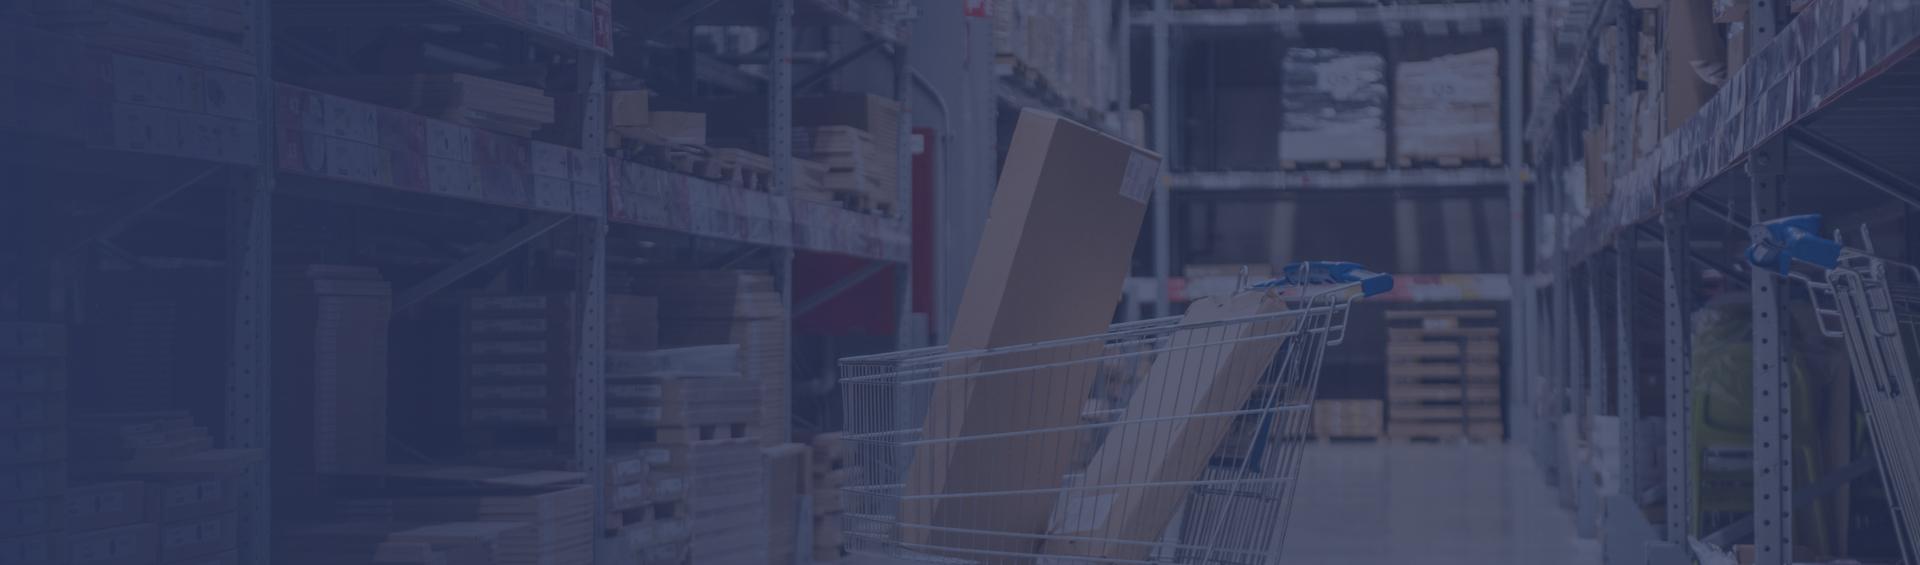 消費品行業解決方案分類背景圖